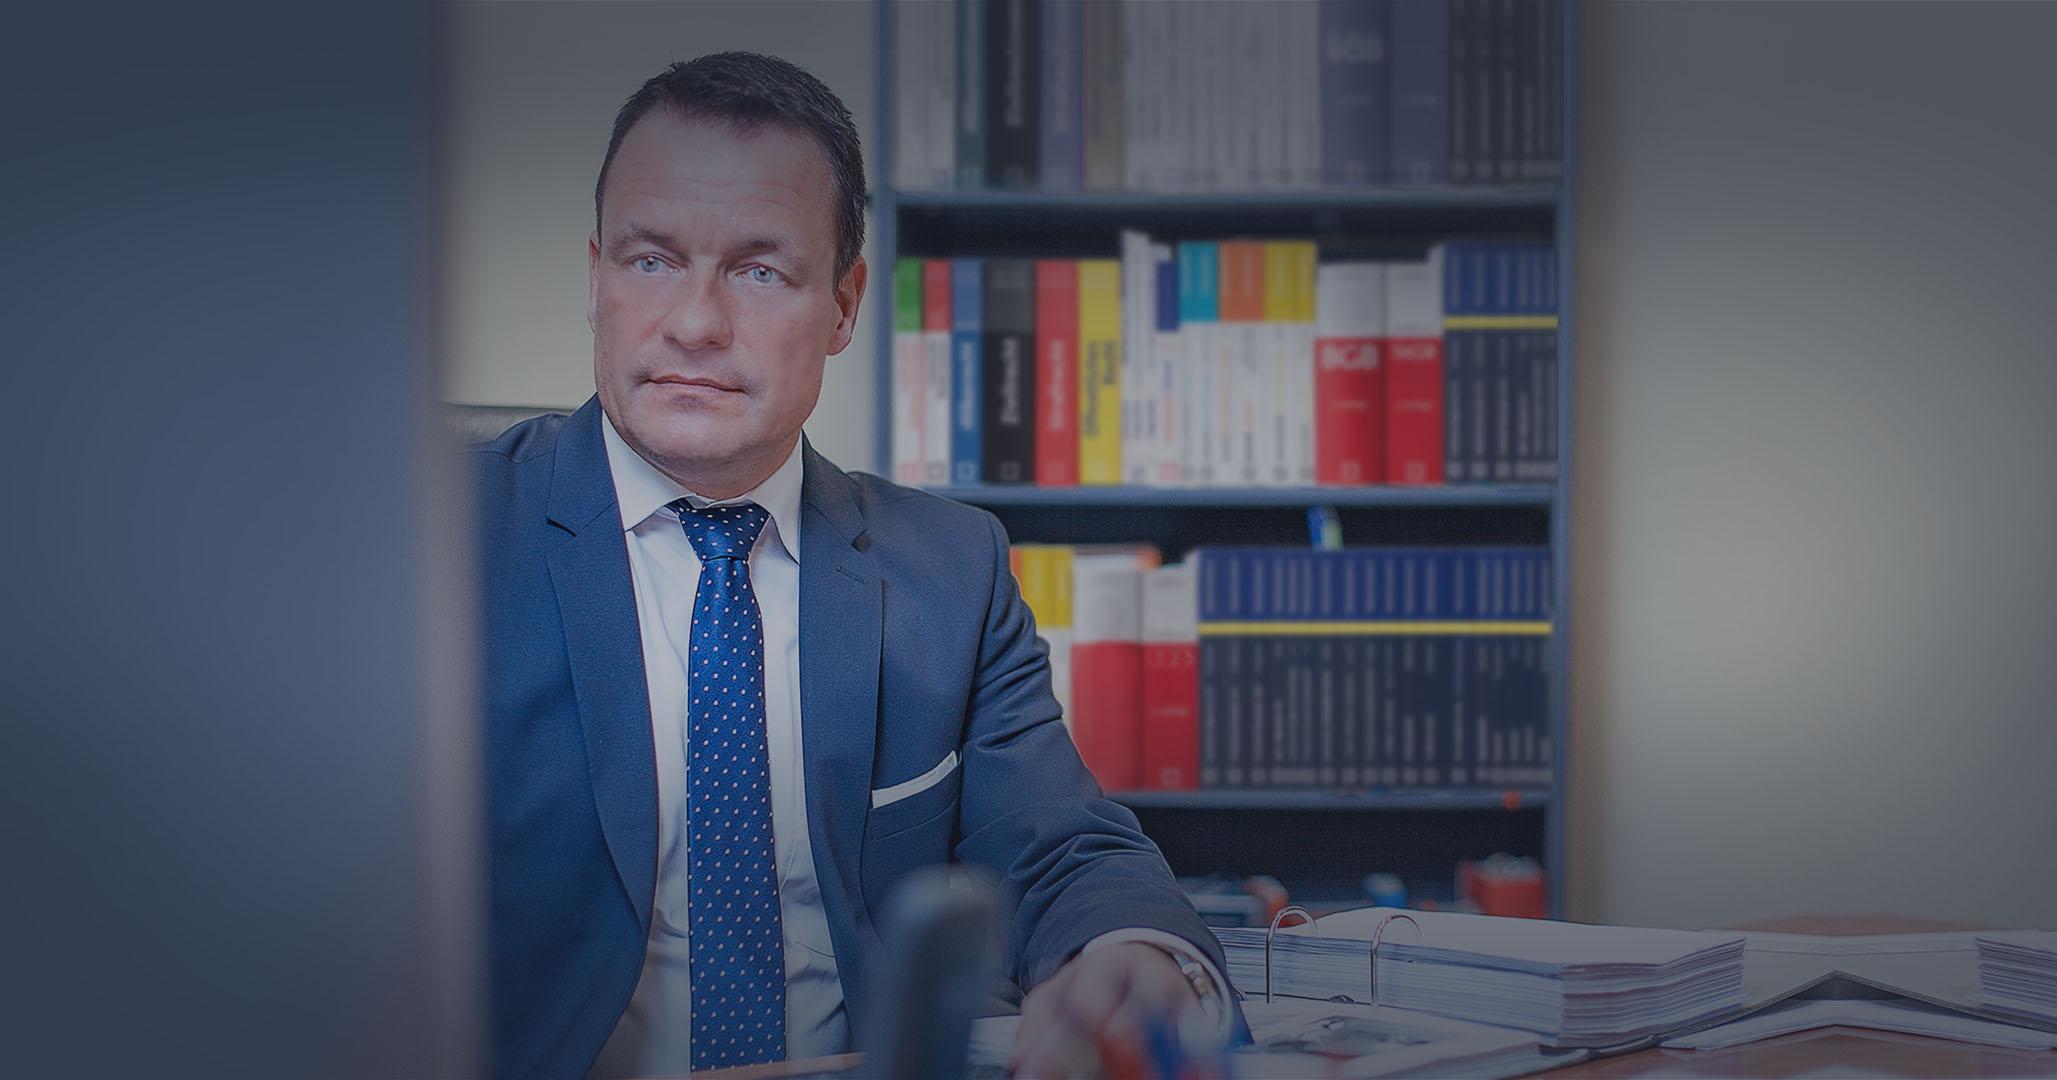 Fachanwalt des Strafrechts Herr Christian Nordhausen - Foto: DavidHarex.com